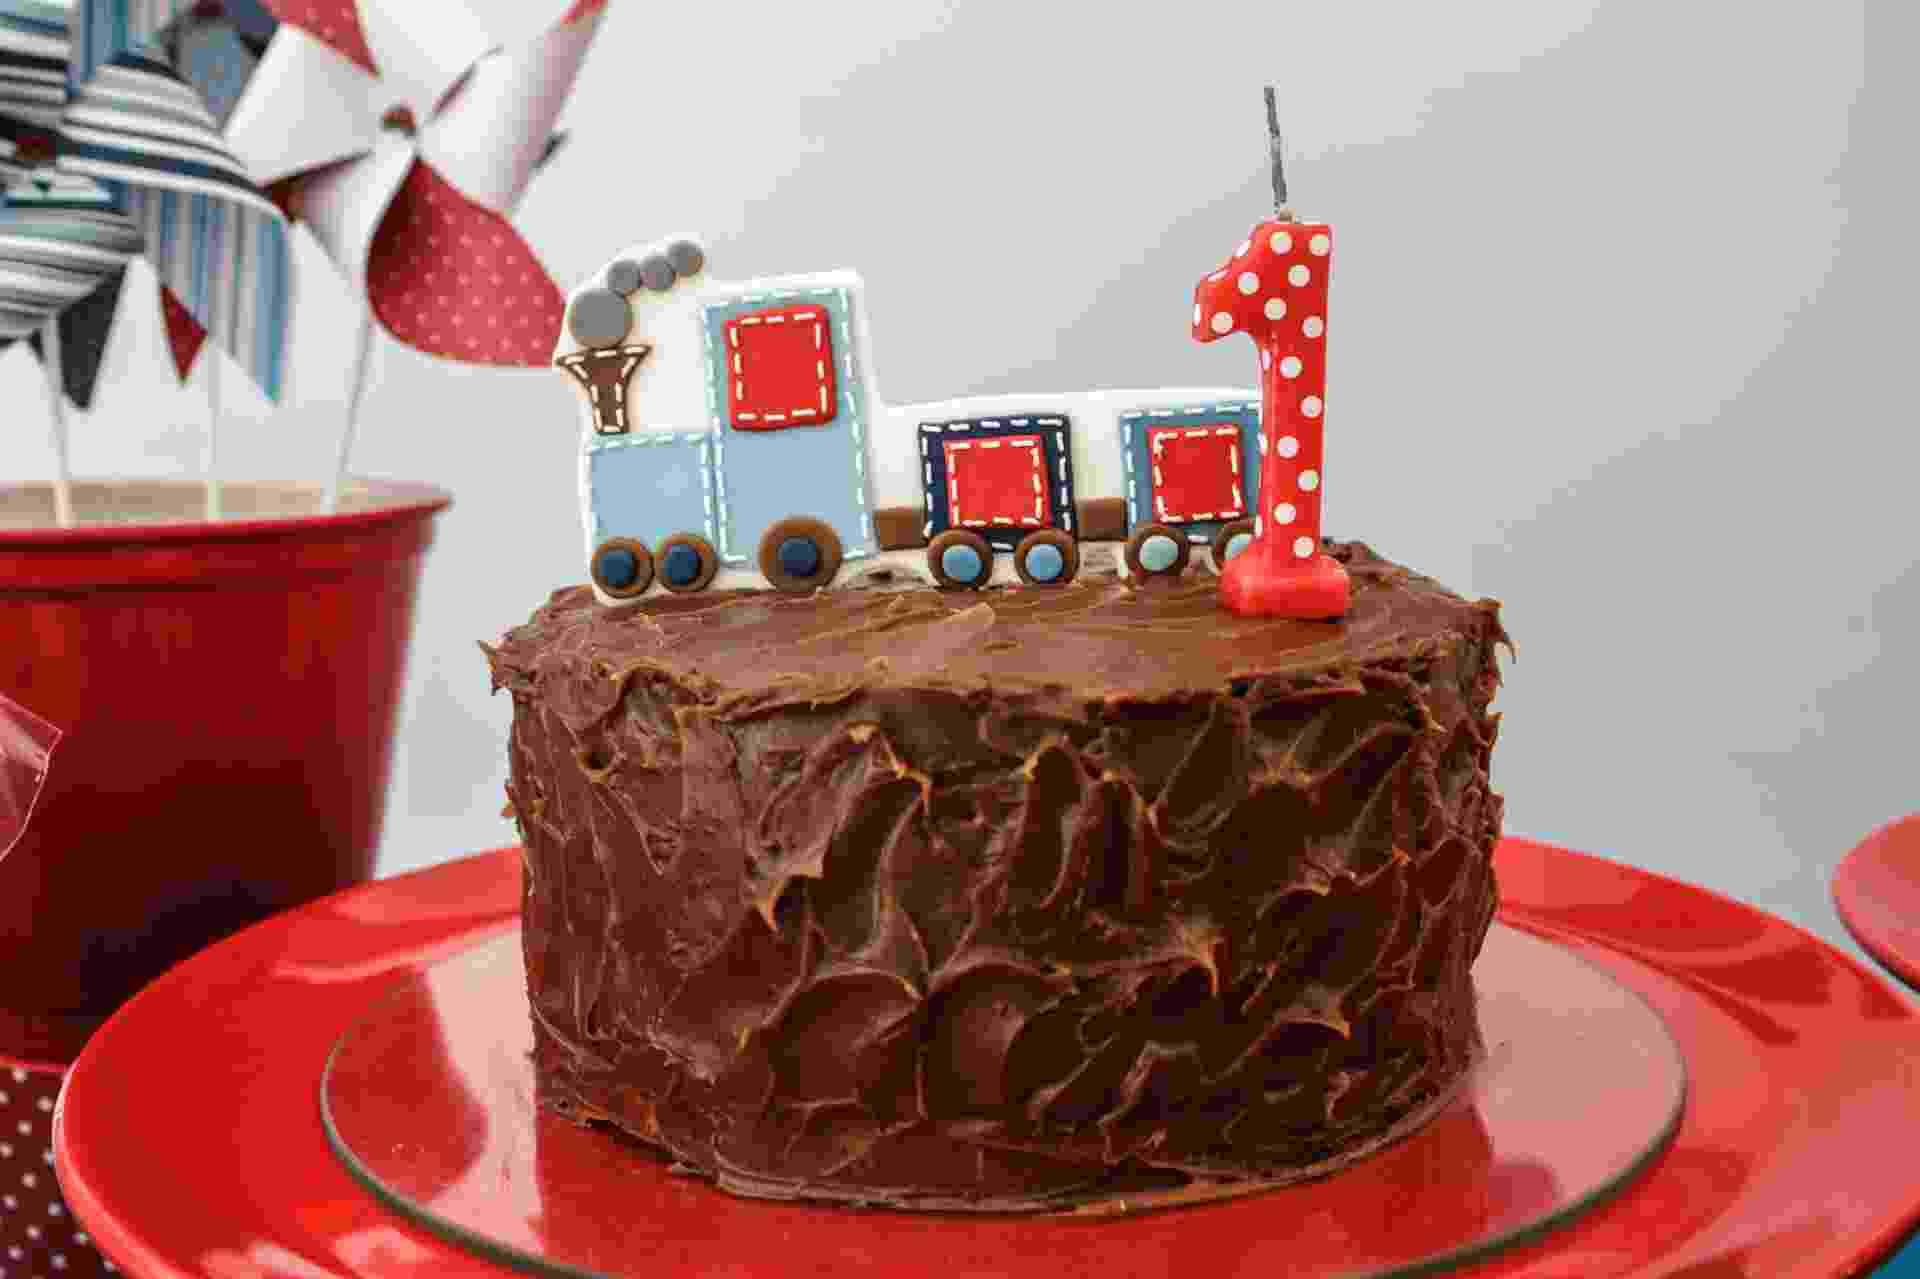 O suculento bolo coberto com uma camada generosa de chocolate é uma receita de Nika Linden (www.nikalinden.com.br). O trenzinho que enfeita o topo combina com a decoração da festa Brincadeiras de Menino, organizada pela (www.caraminholando.com.br) - Divulgação